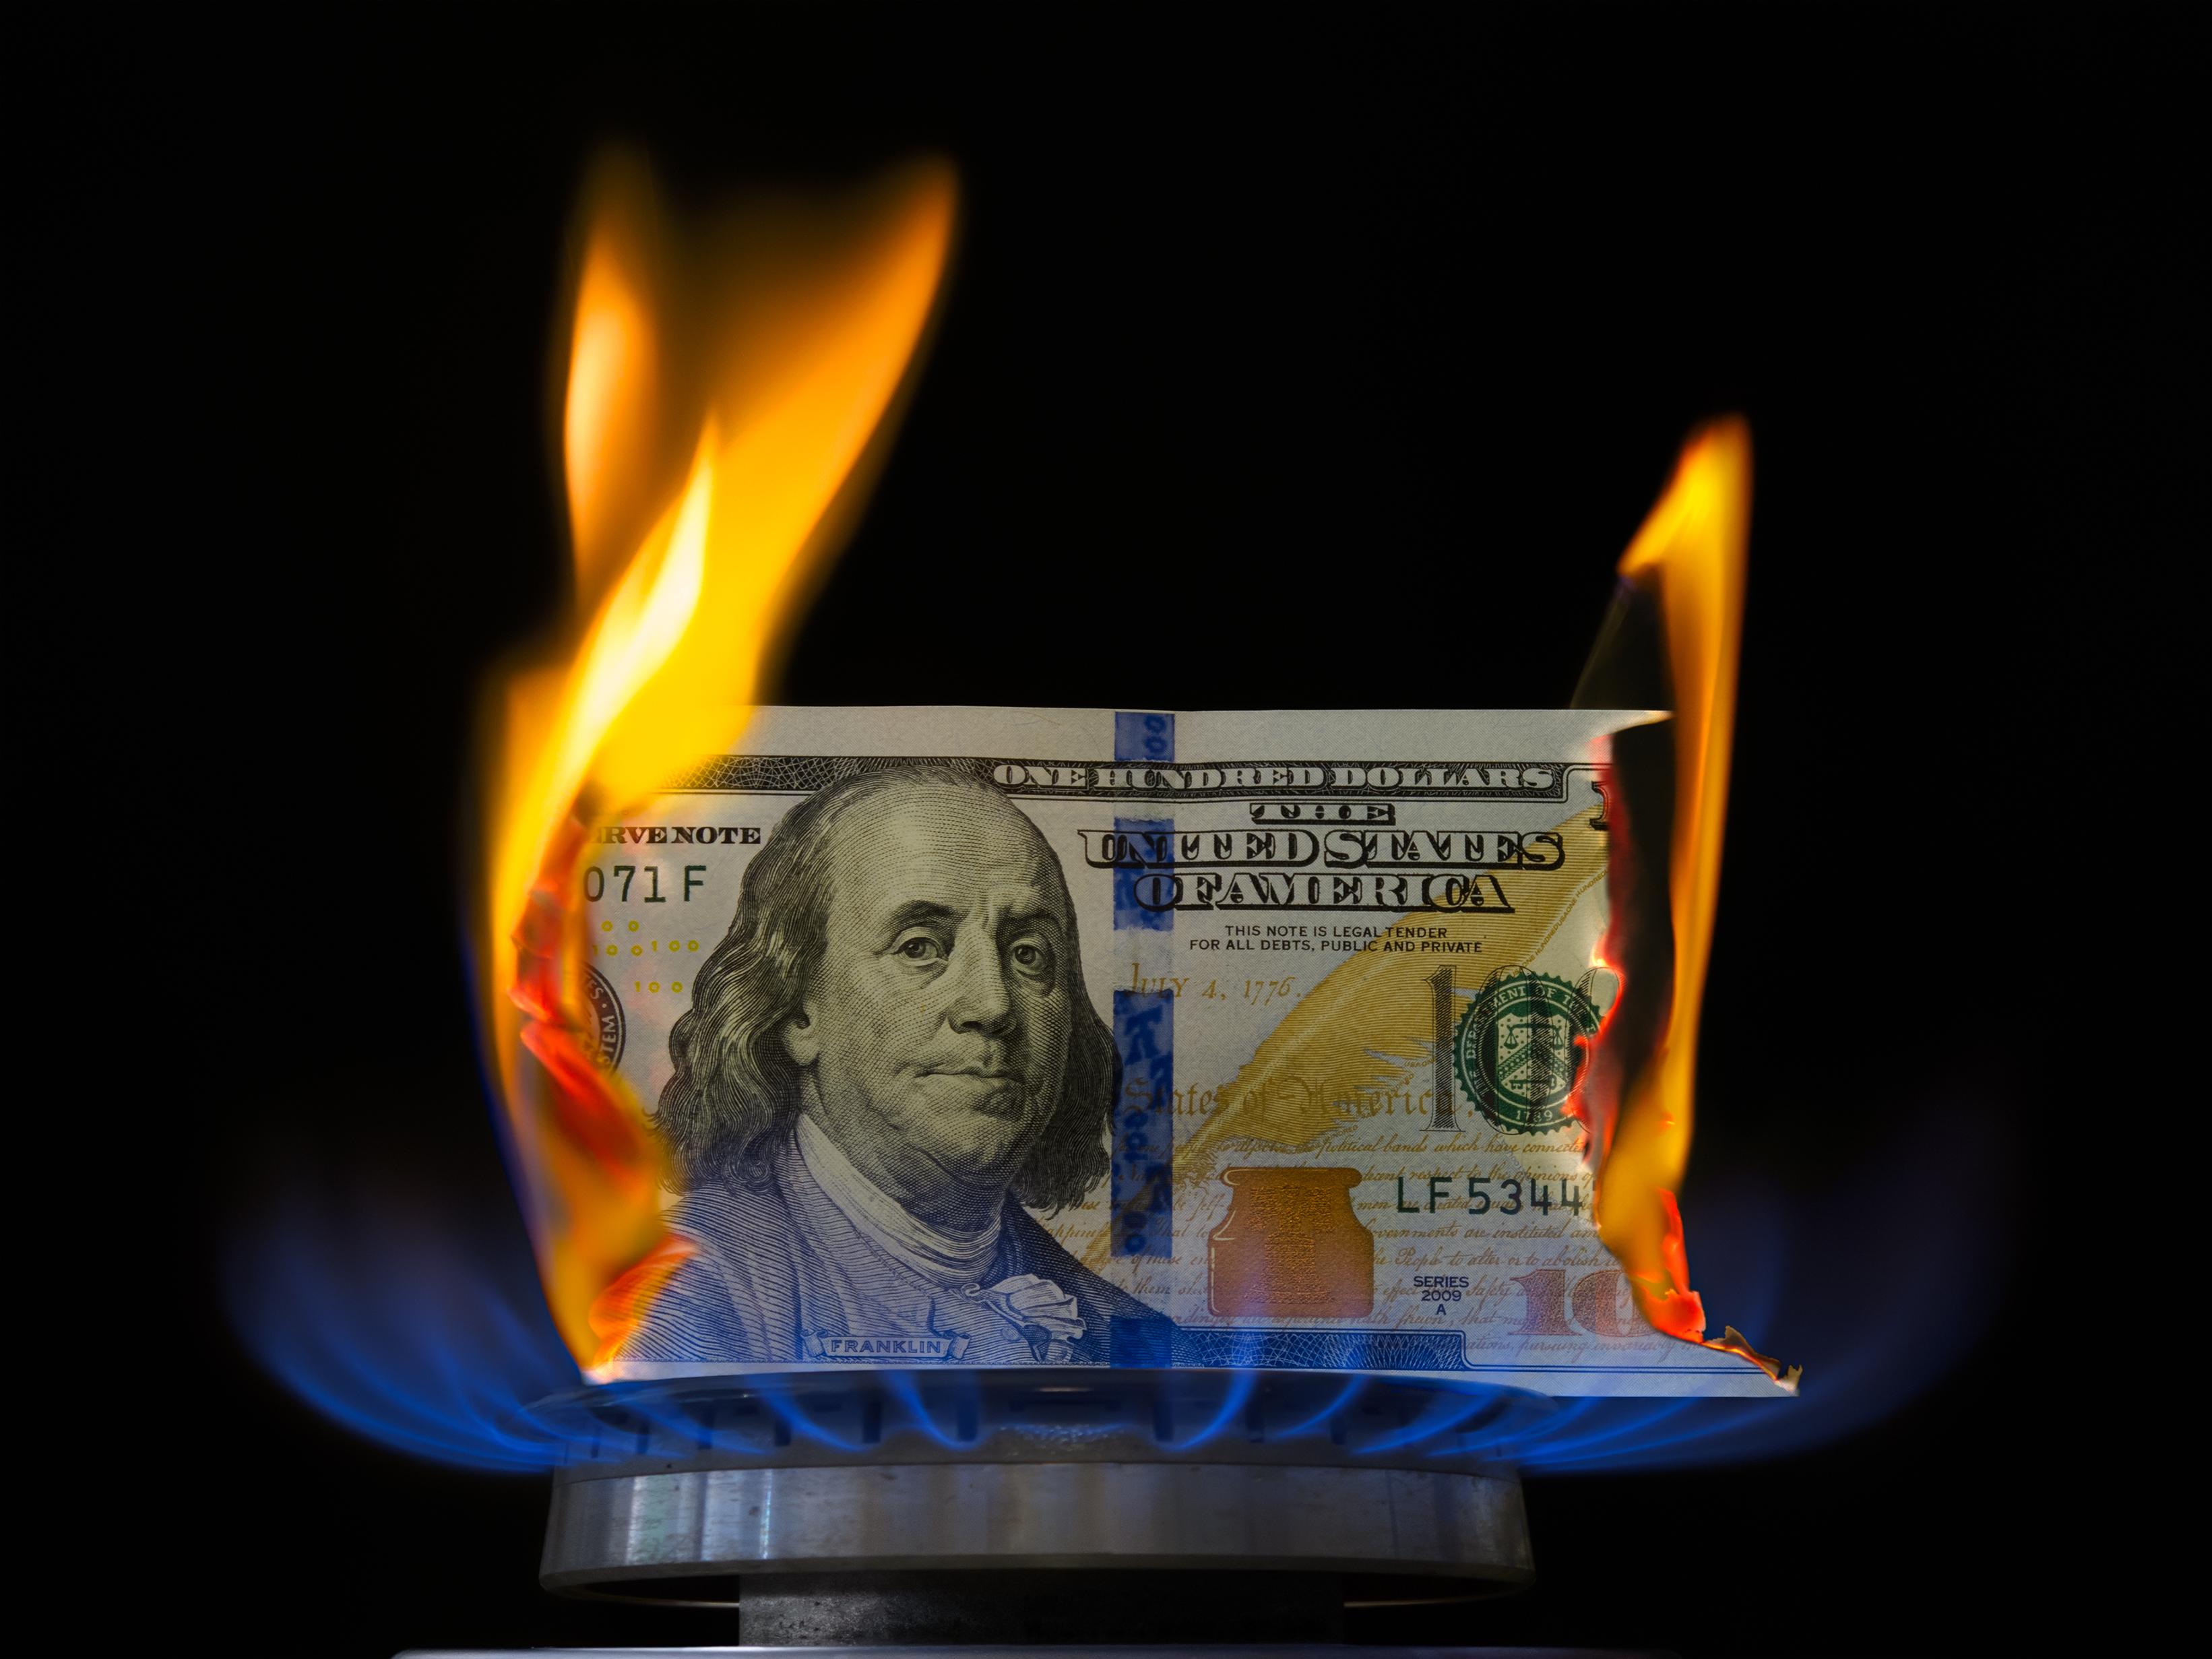 A hundred-dollar bill aflame atop a lit stove burner.